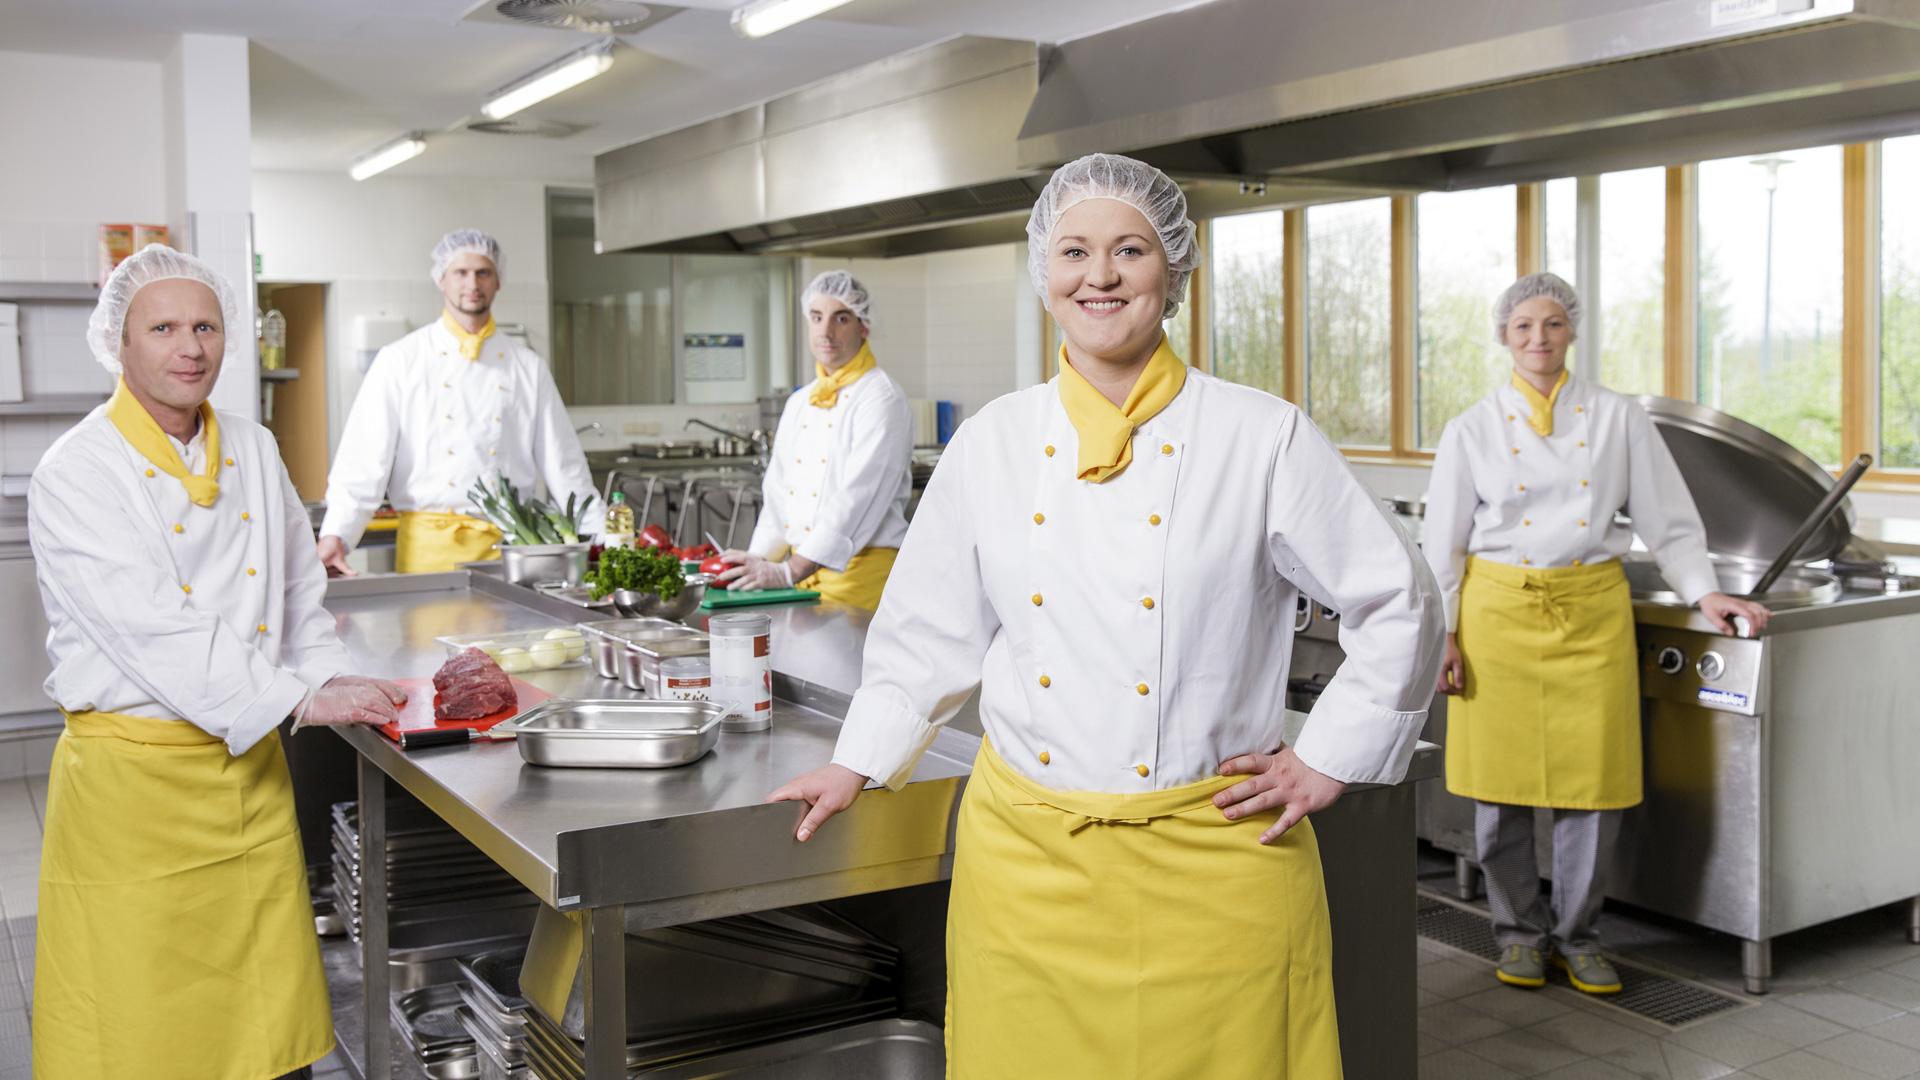 Rws Cateringservice Ihr Spezialist Der Gemeinschaftsversorgung